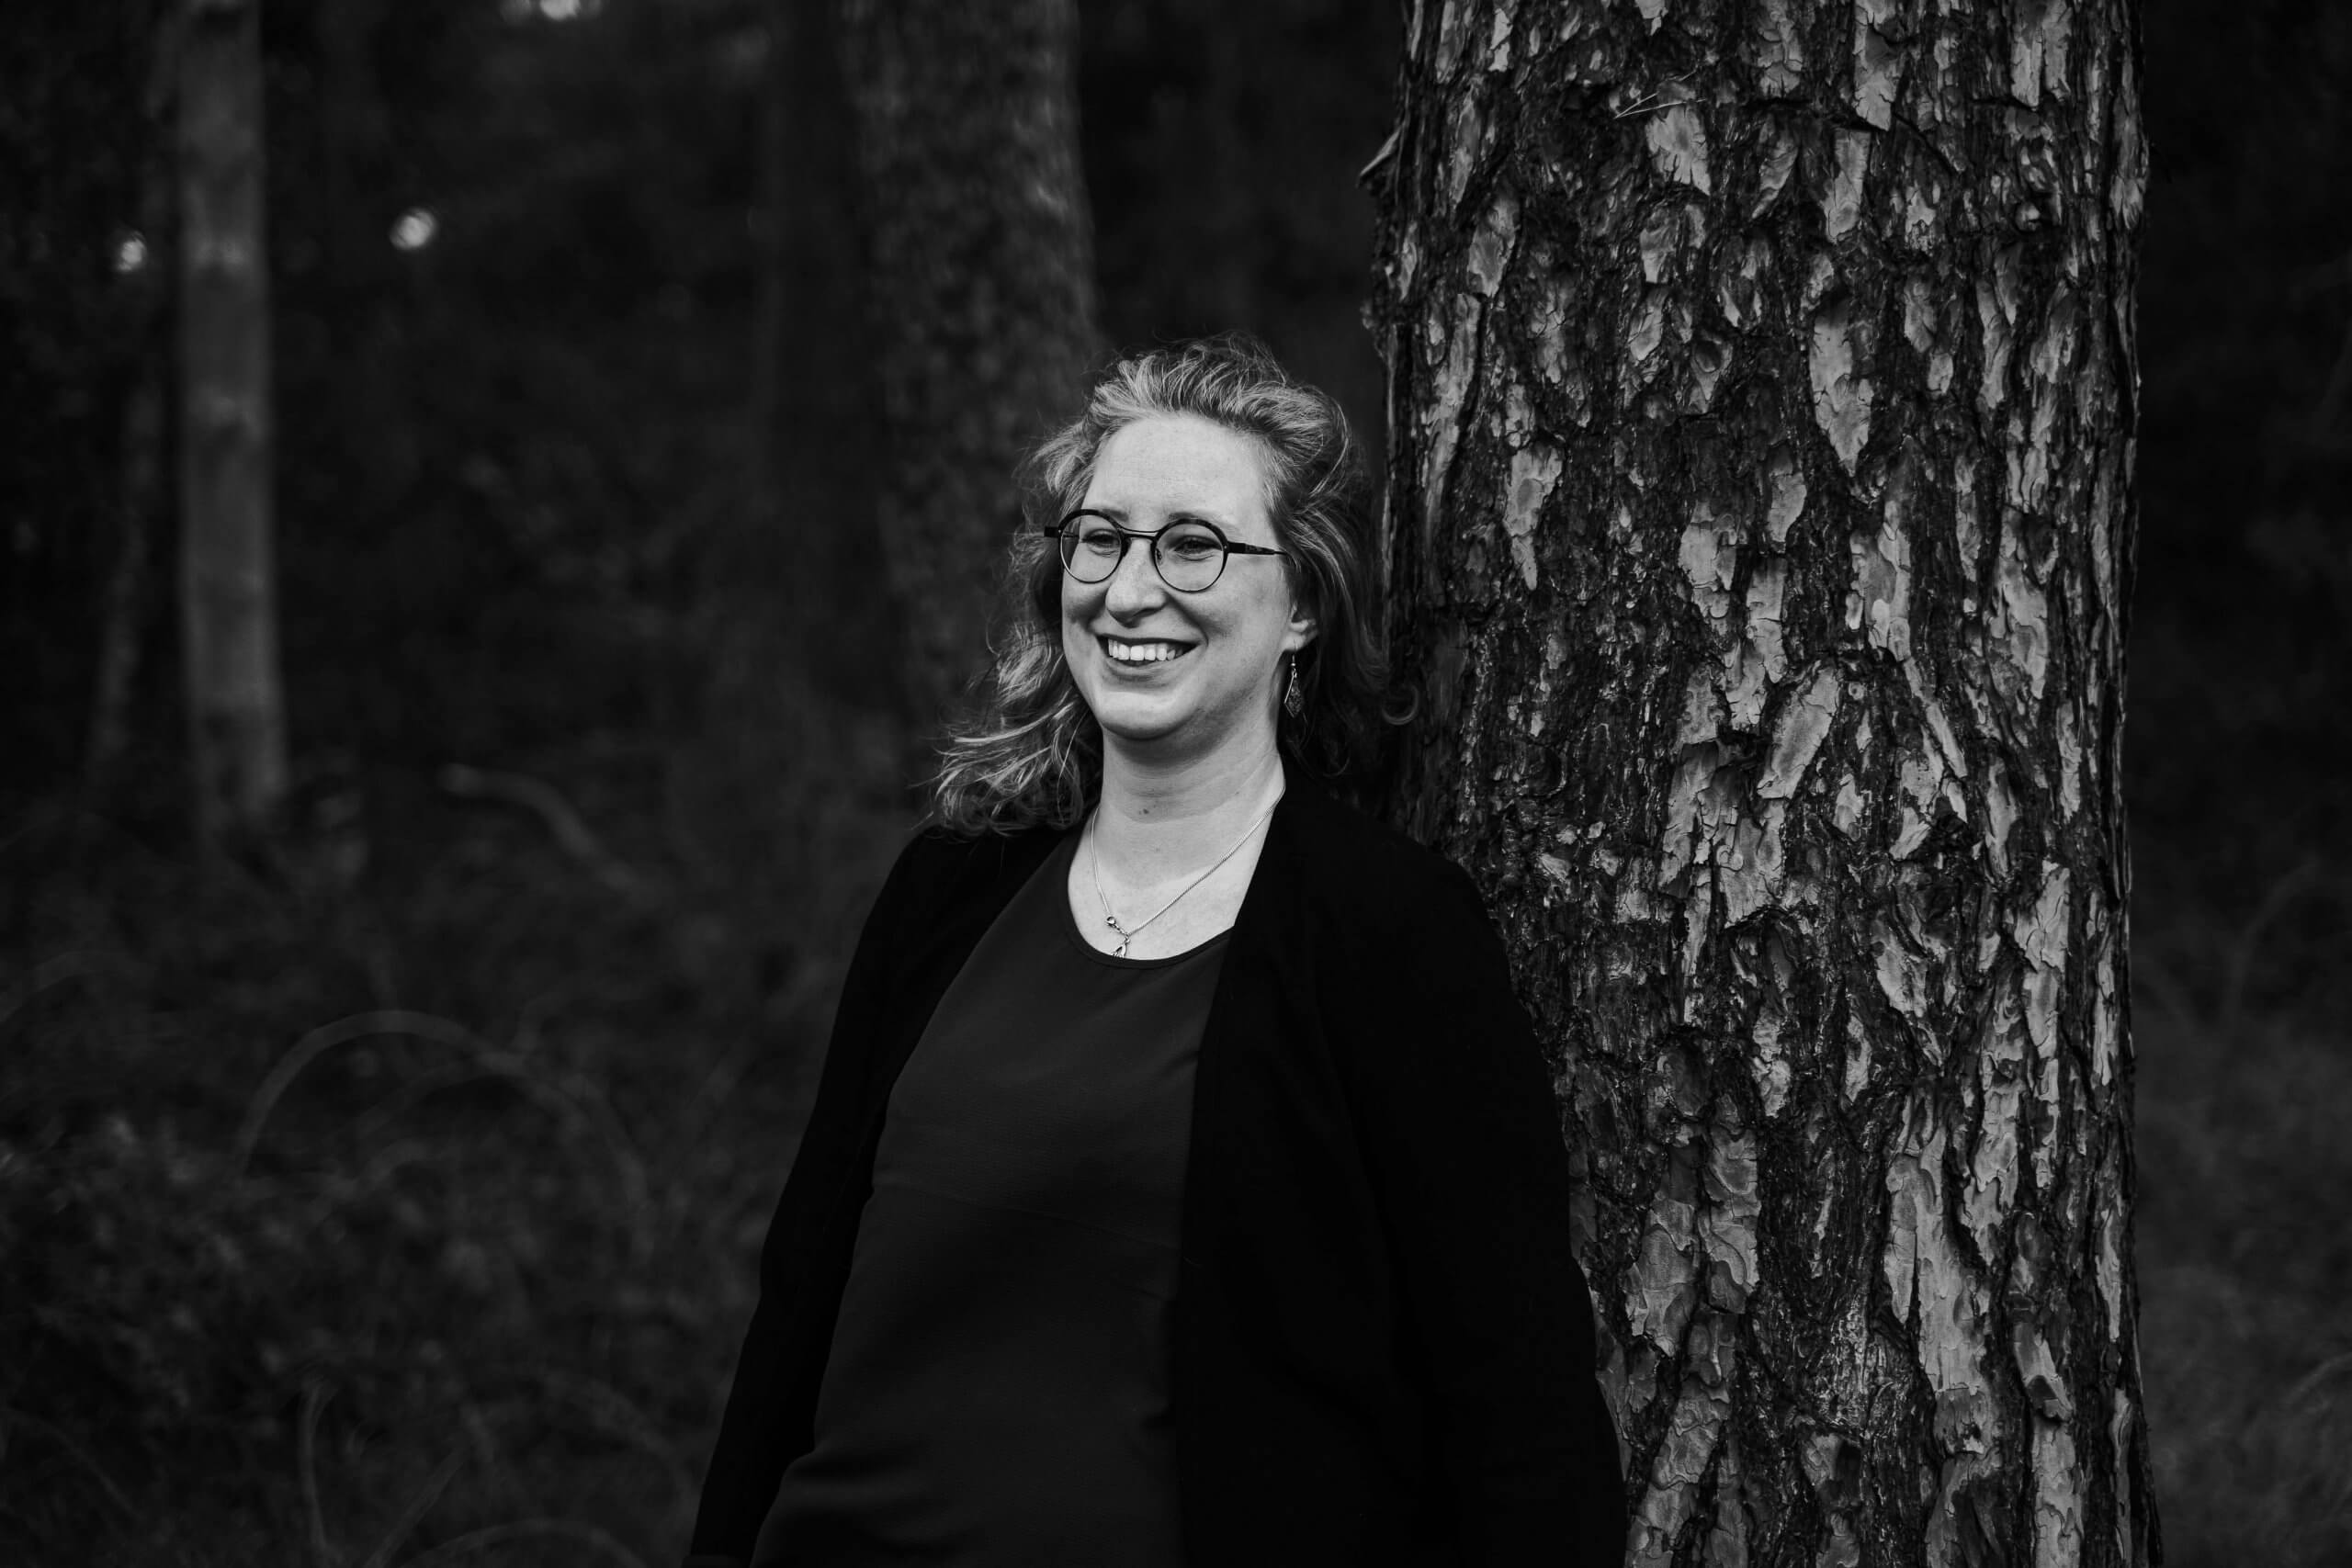 Bedrijfsreportage content beeldbank buiten bedrijf zzper vrouwelijke ondernemer buiten zwart wit